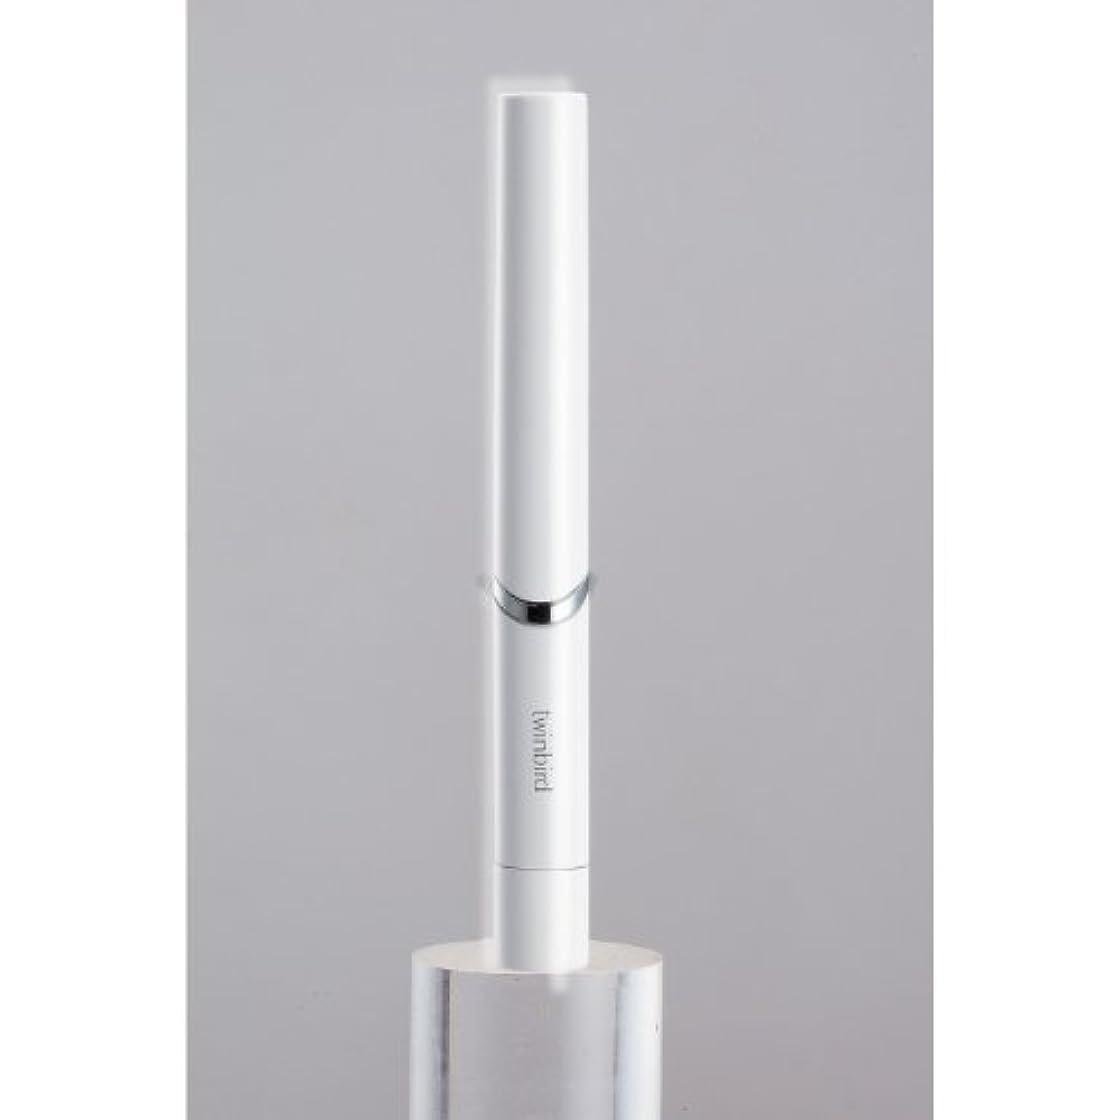 学んだアイデア励起ツインバード 音波振動式歯ブラシ BD-2741 ホワイト?BD-2741W